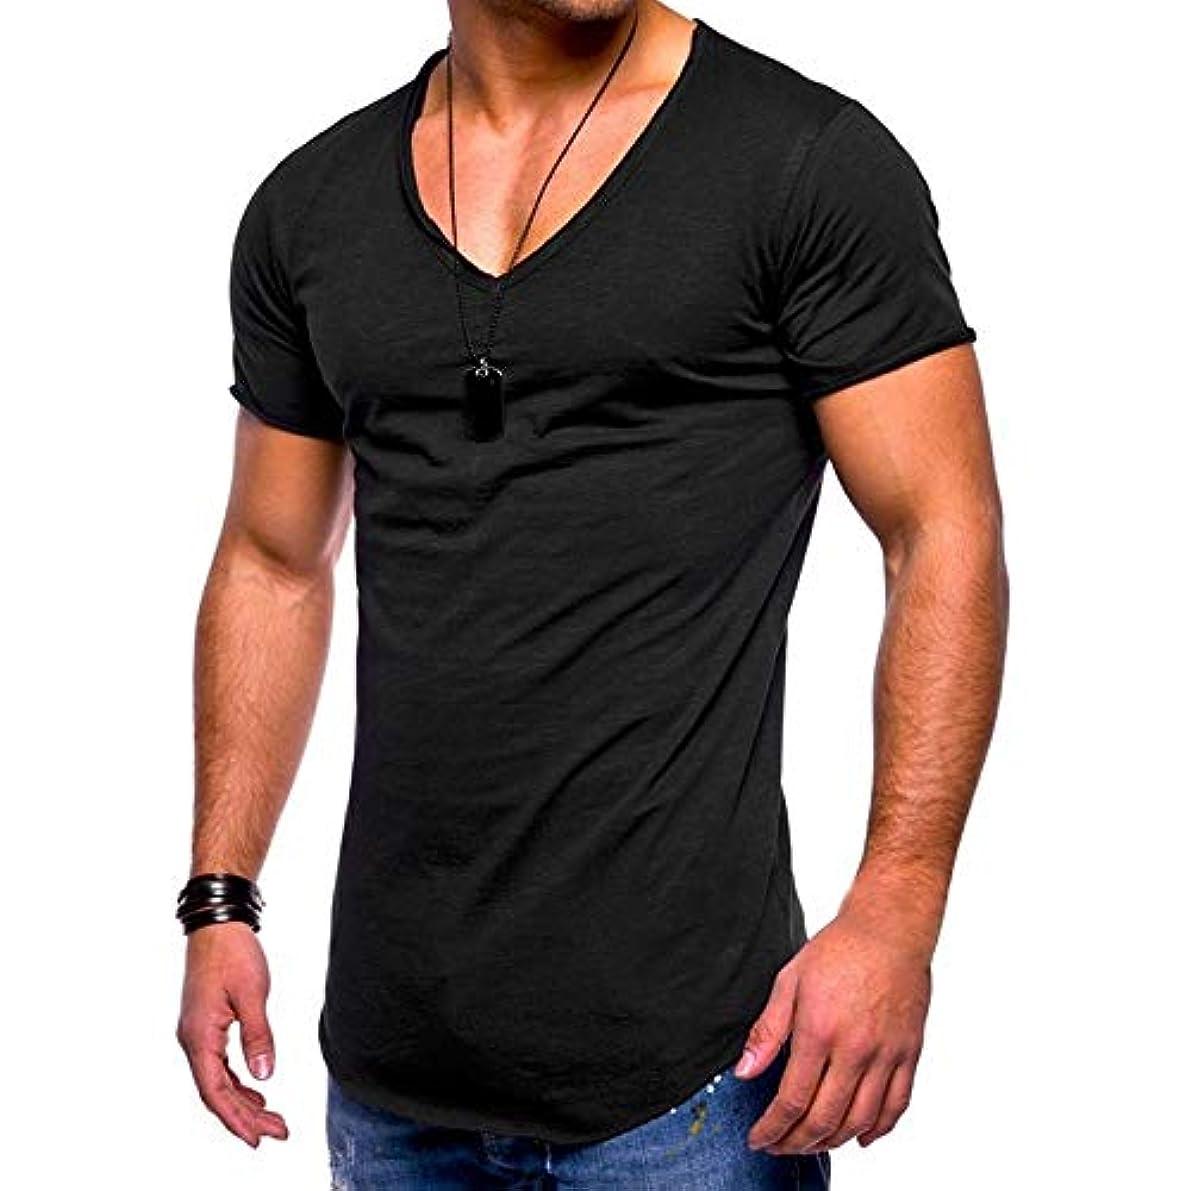 アッパー怪しいショットMIFAN メンズTシャツ、カジュアルシャツ、半袖、コットンTシャツ、Vネックシャツ、スリムTシャツ、トップス&Tシャツ、メンズトップス